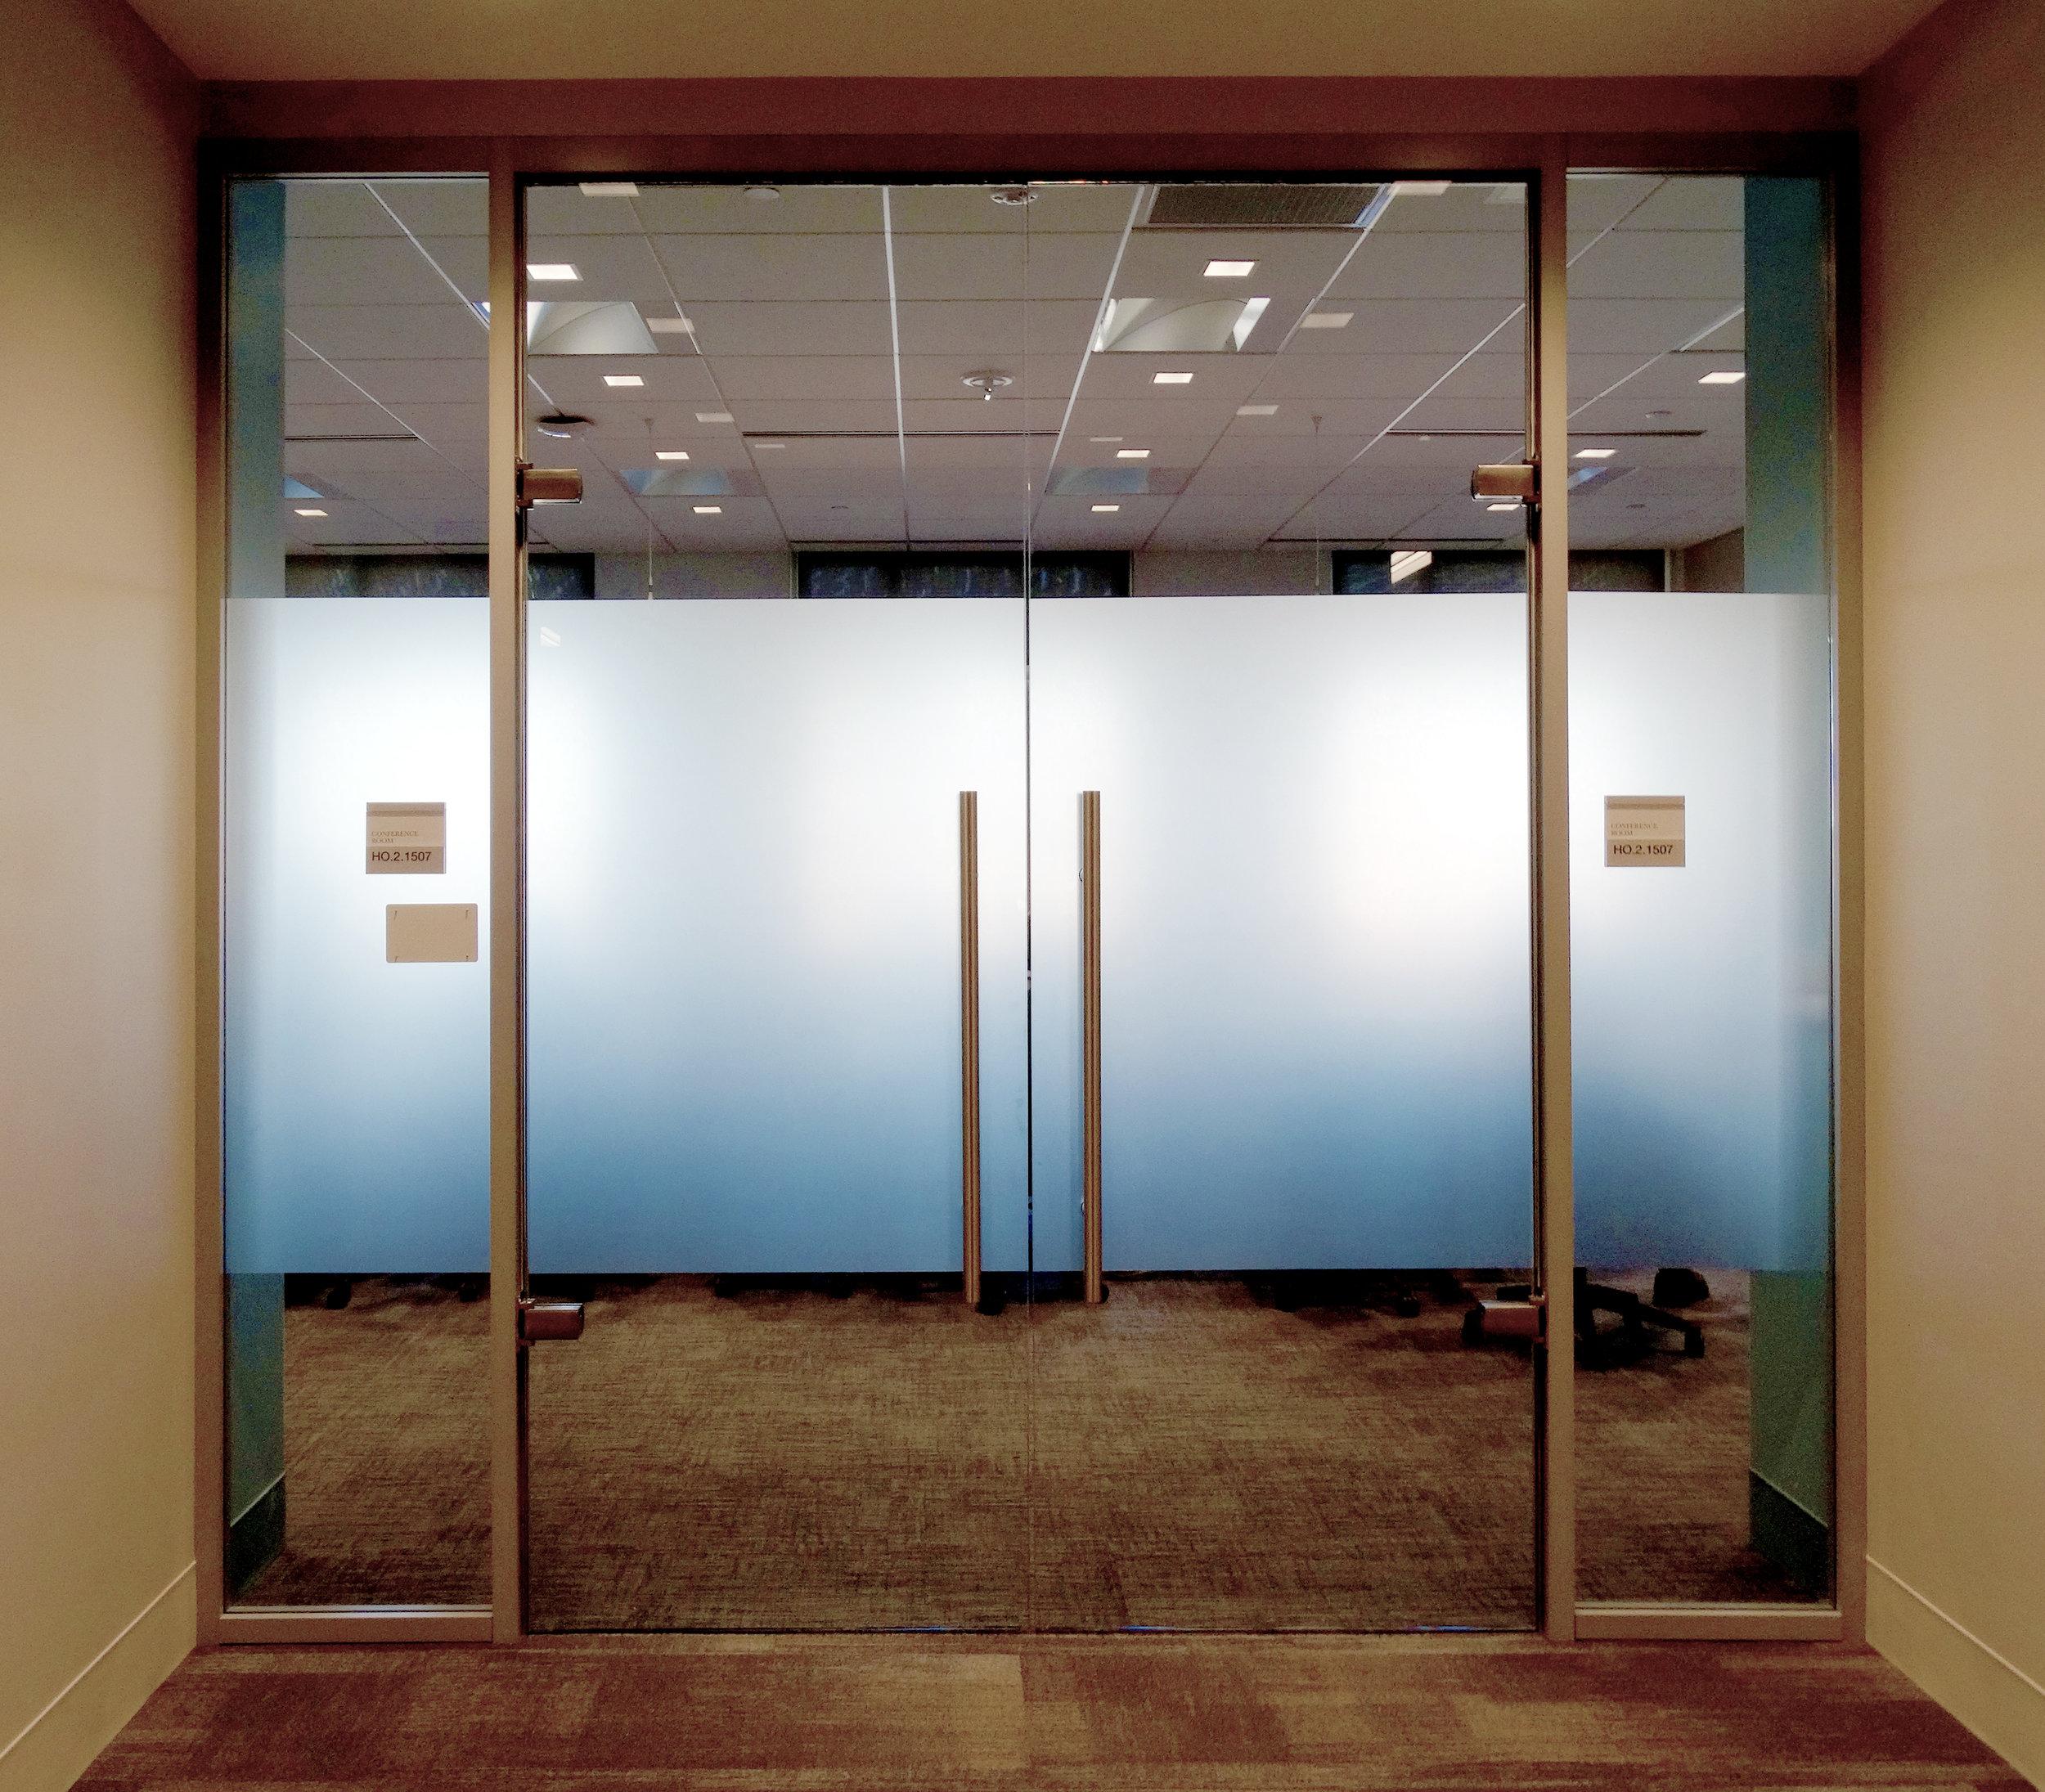 Litespace Frameless Glass Double Door Film Entry - Spaceworks AI.jpg